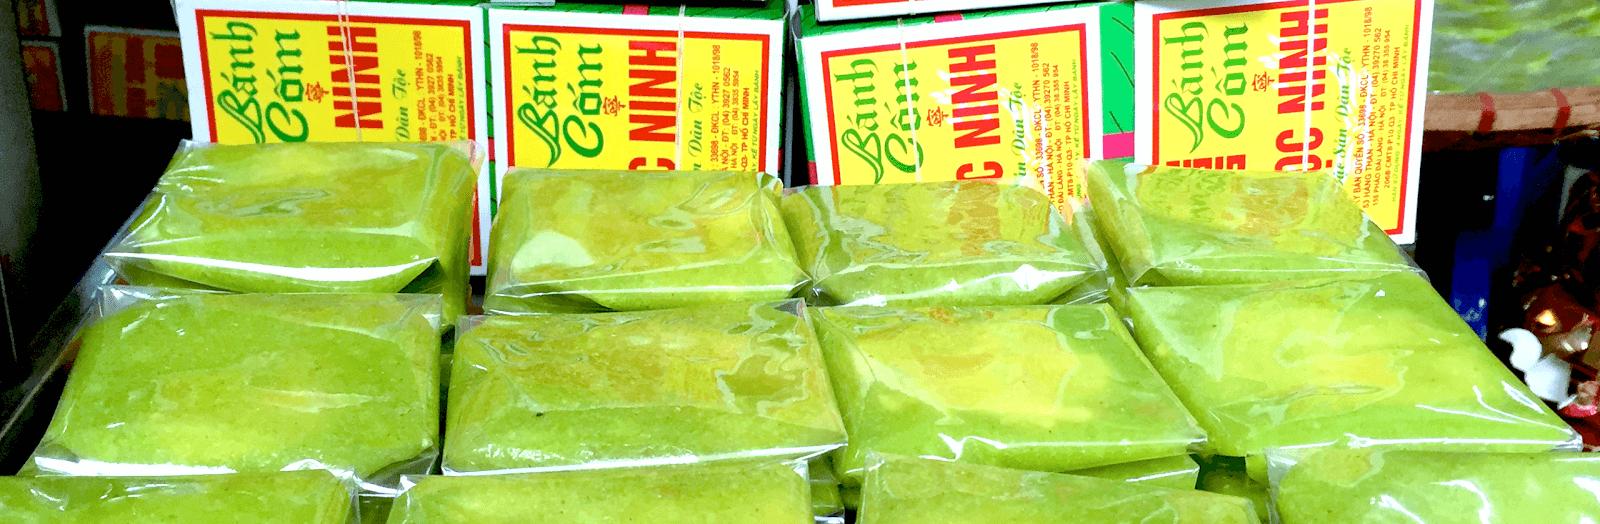 Cửa Hàng Bánh Cốm Ở Hà Nội